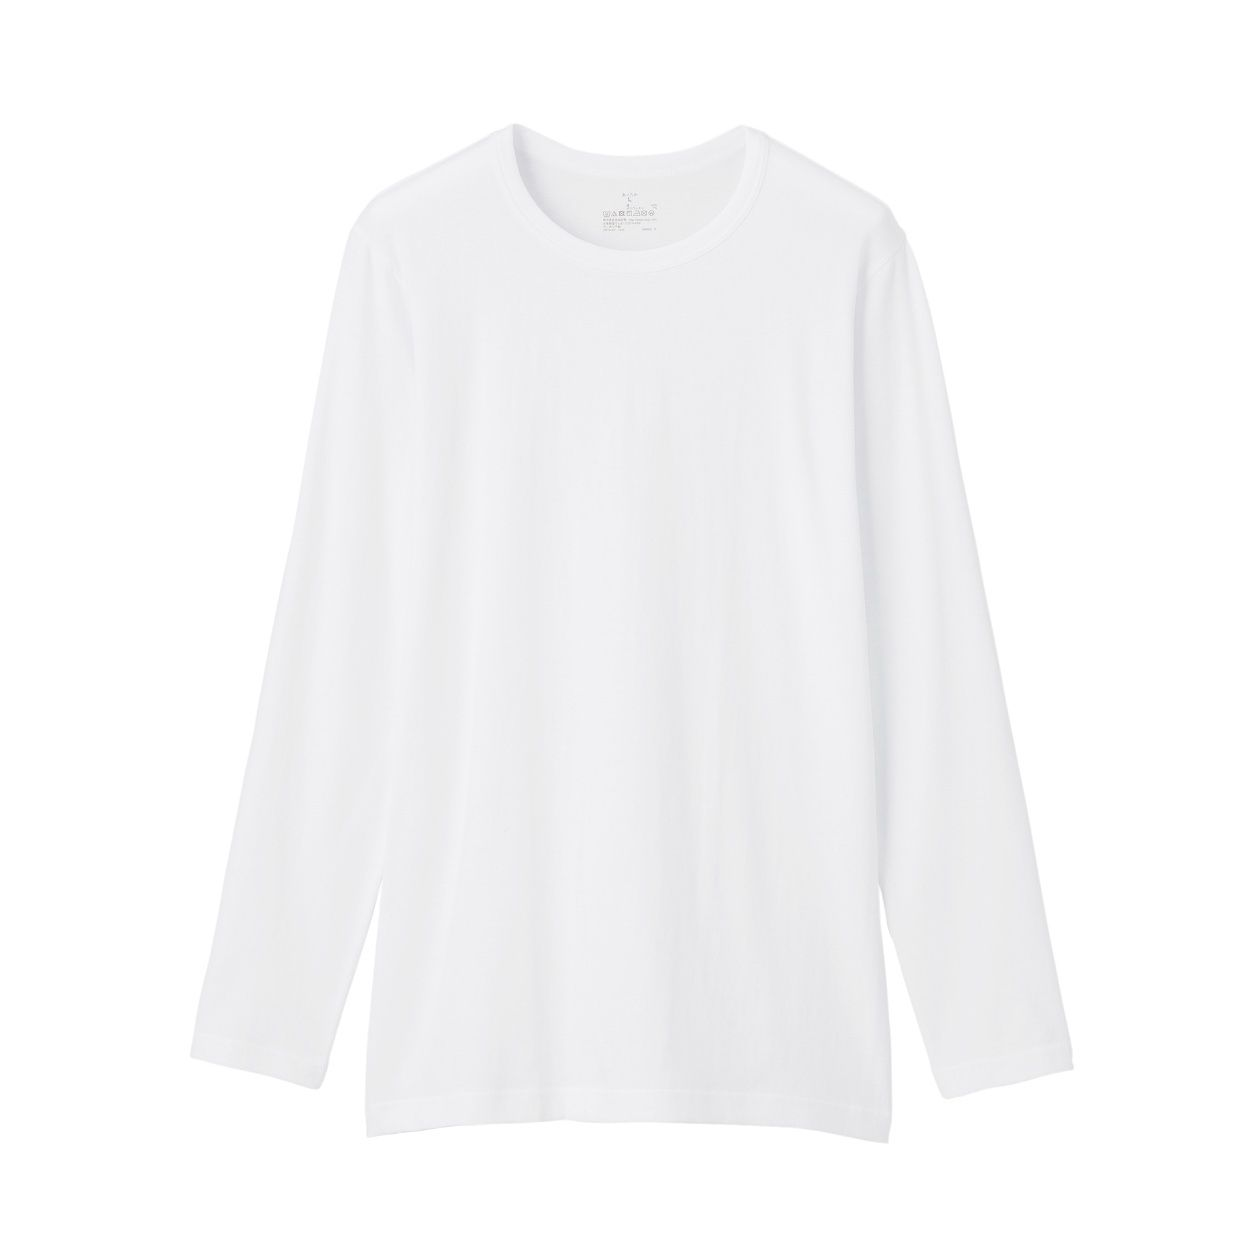 綿であったかクルーネック長袖Tシャツカラー写真02